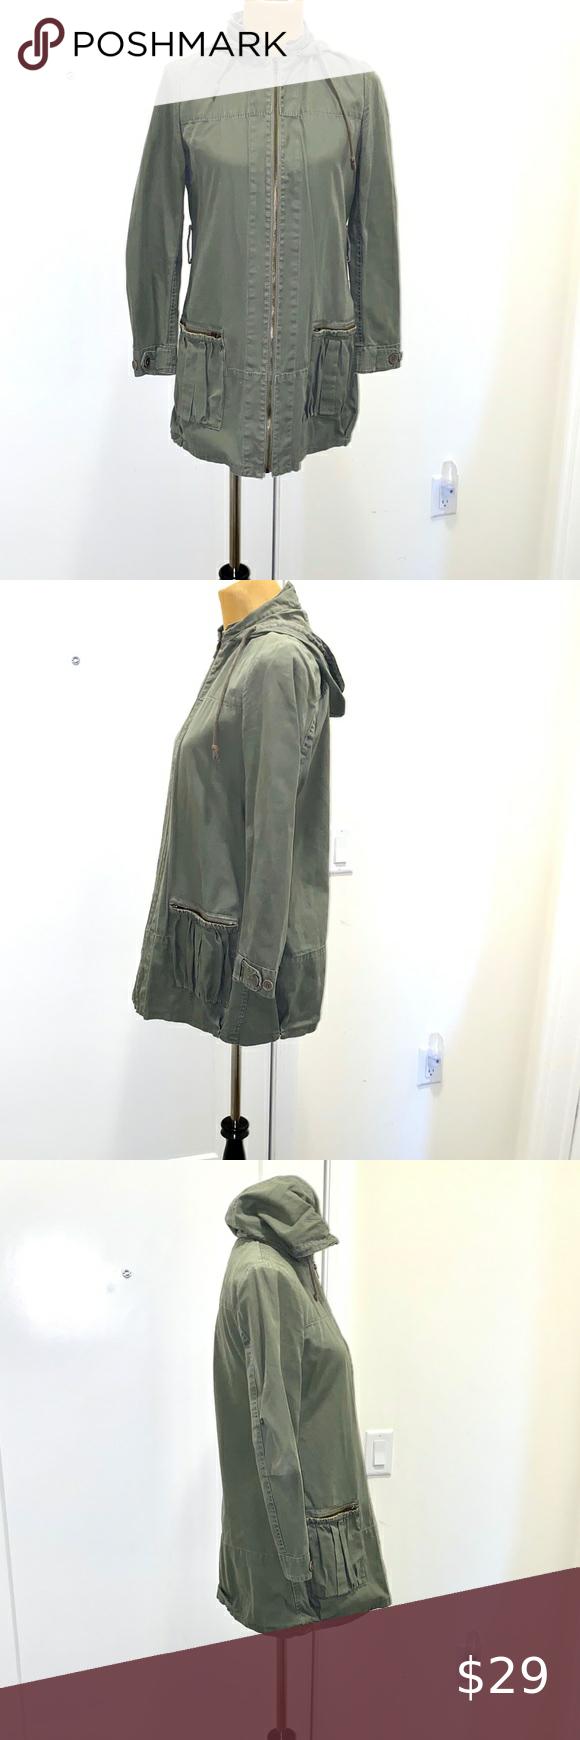 Cotton On Women S Utility Jacket Sz Medium Jackets Womens Utility Jacket Utility Jacket [ 1740 x 580 Pixel ]